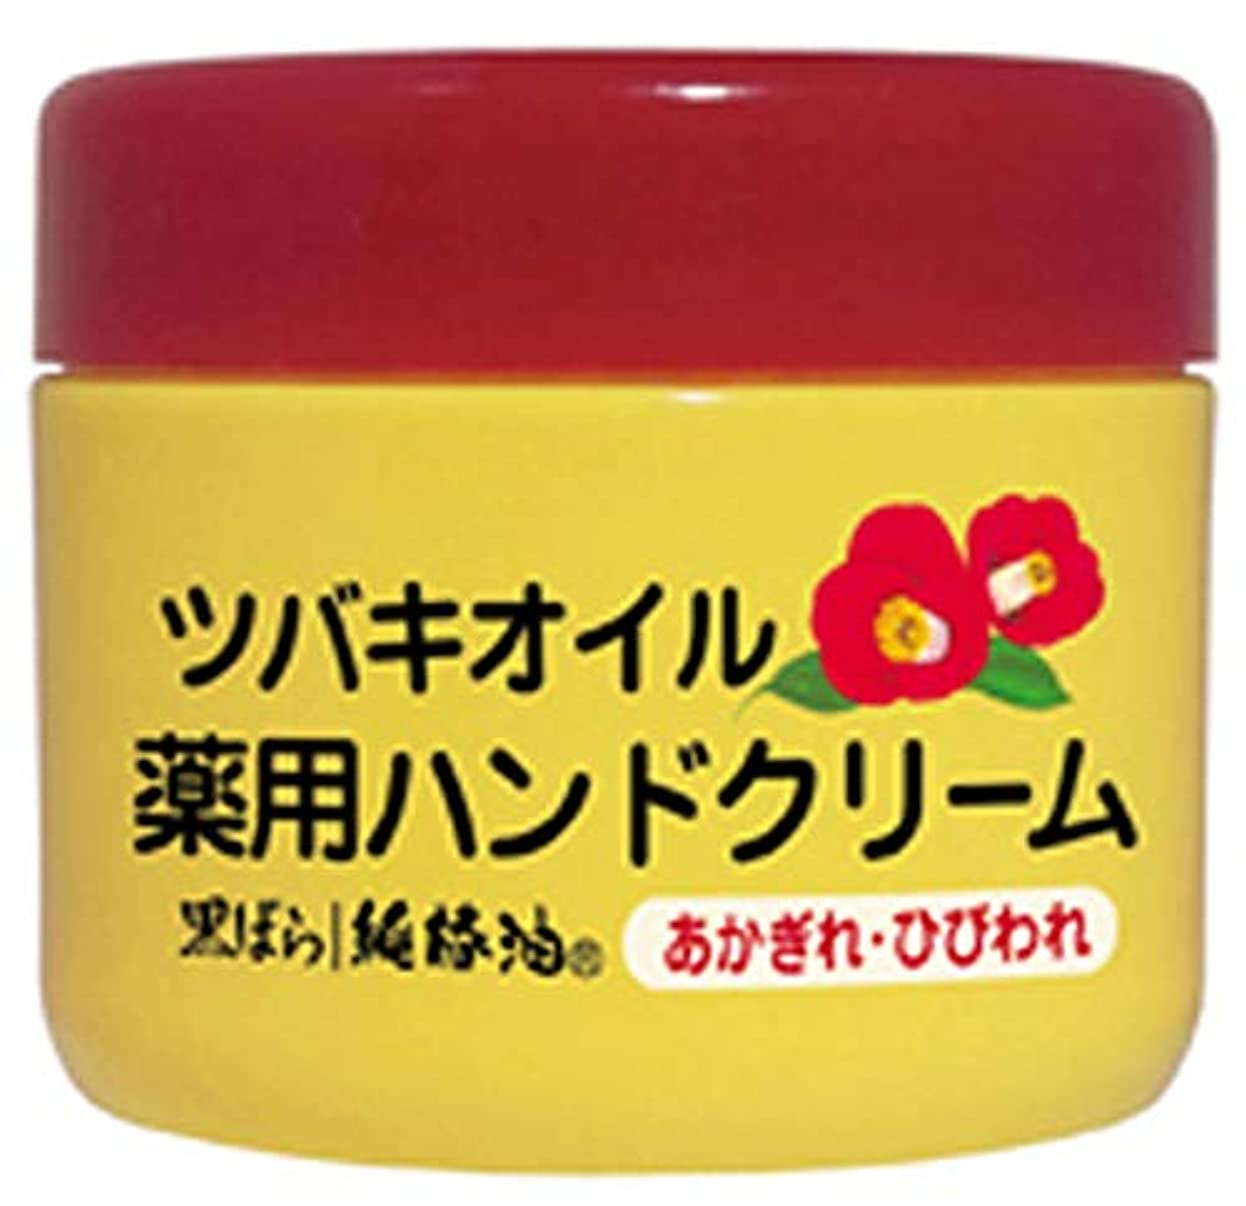 収縮空気童謡ツバキオイル 薬用ハンドクリーム (医薬部外品) 80g